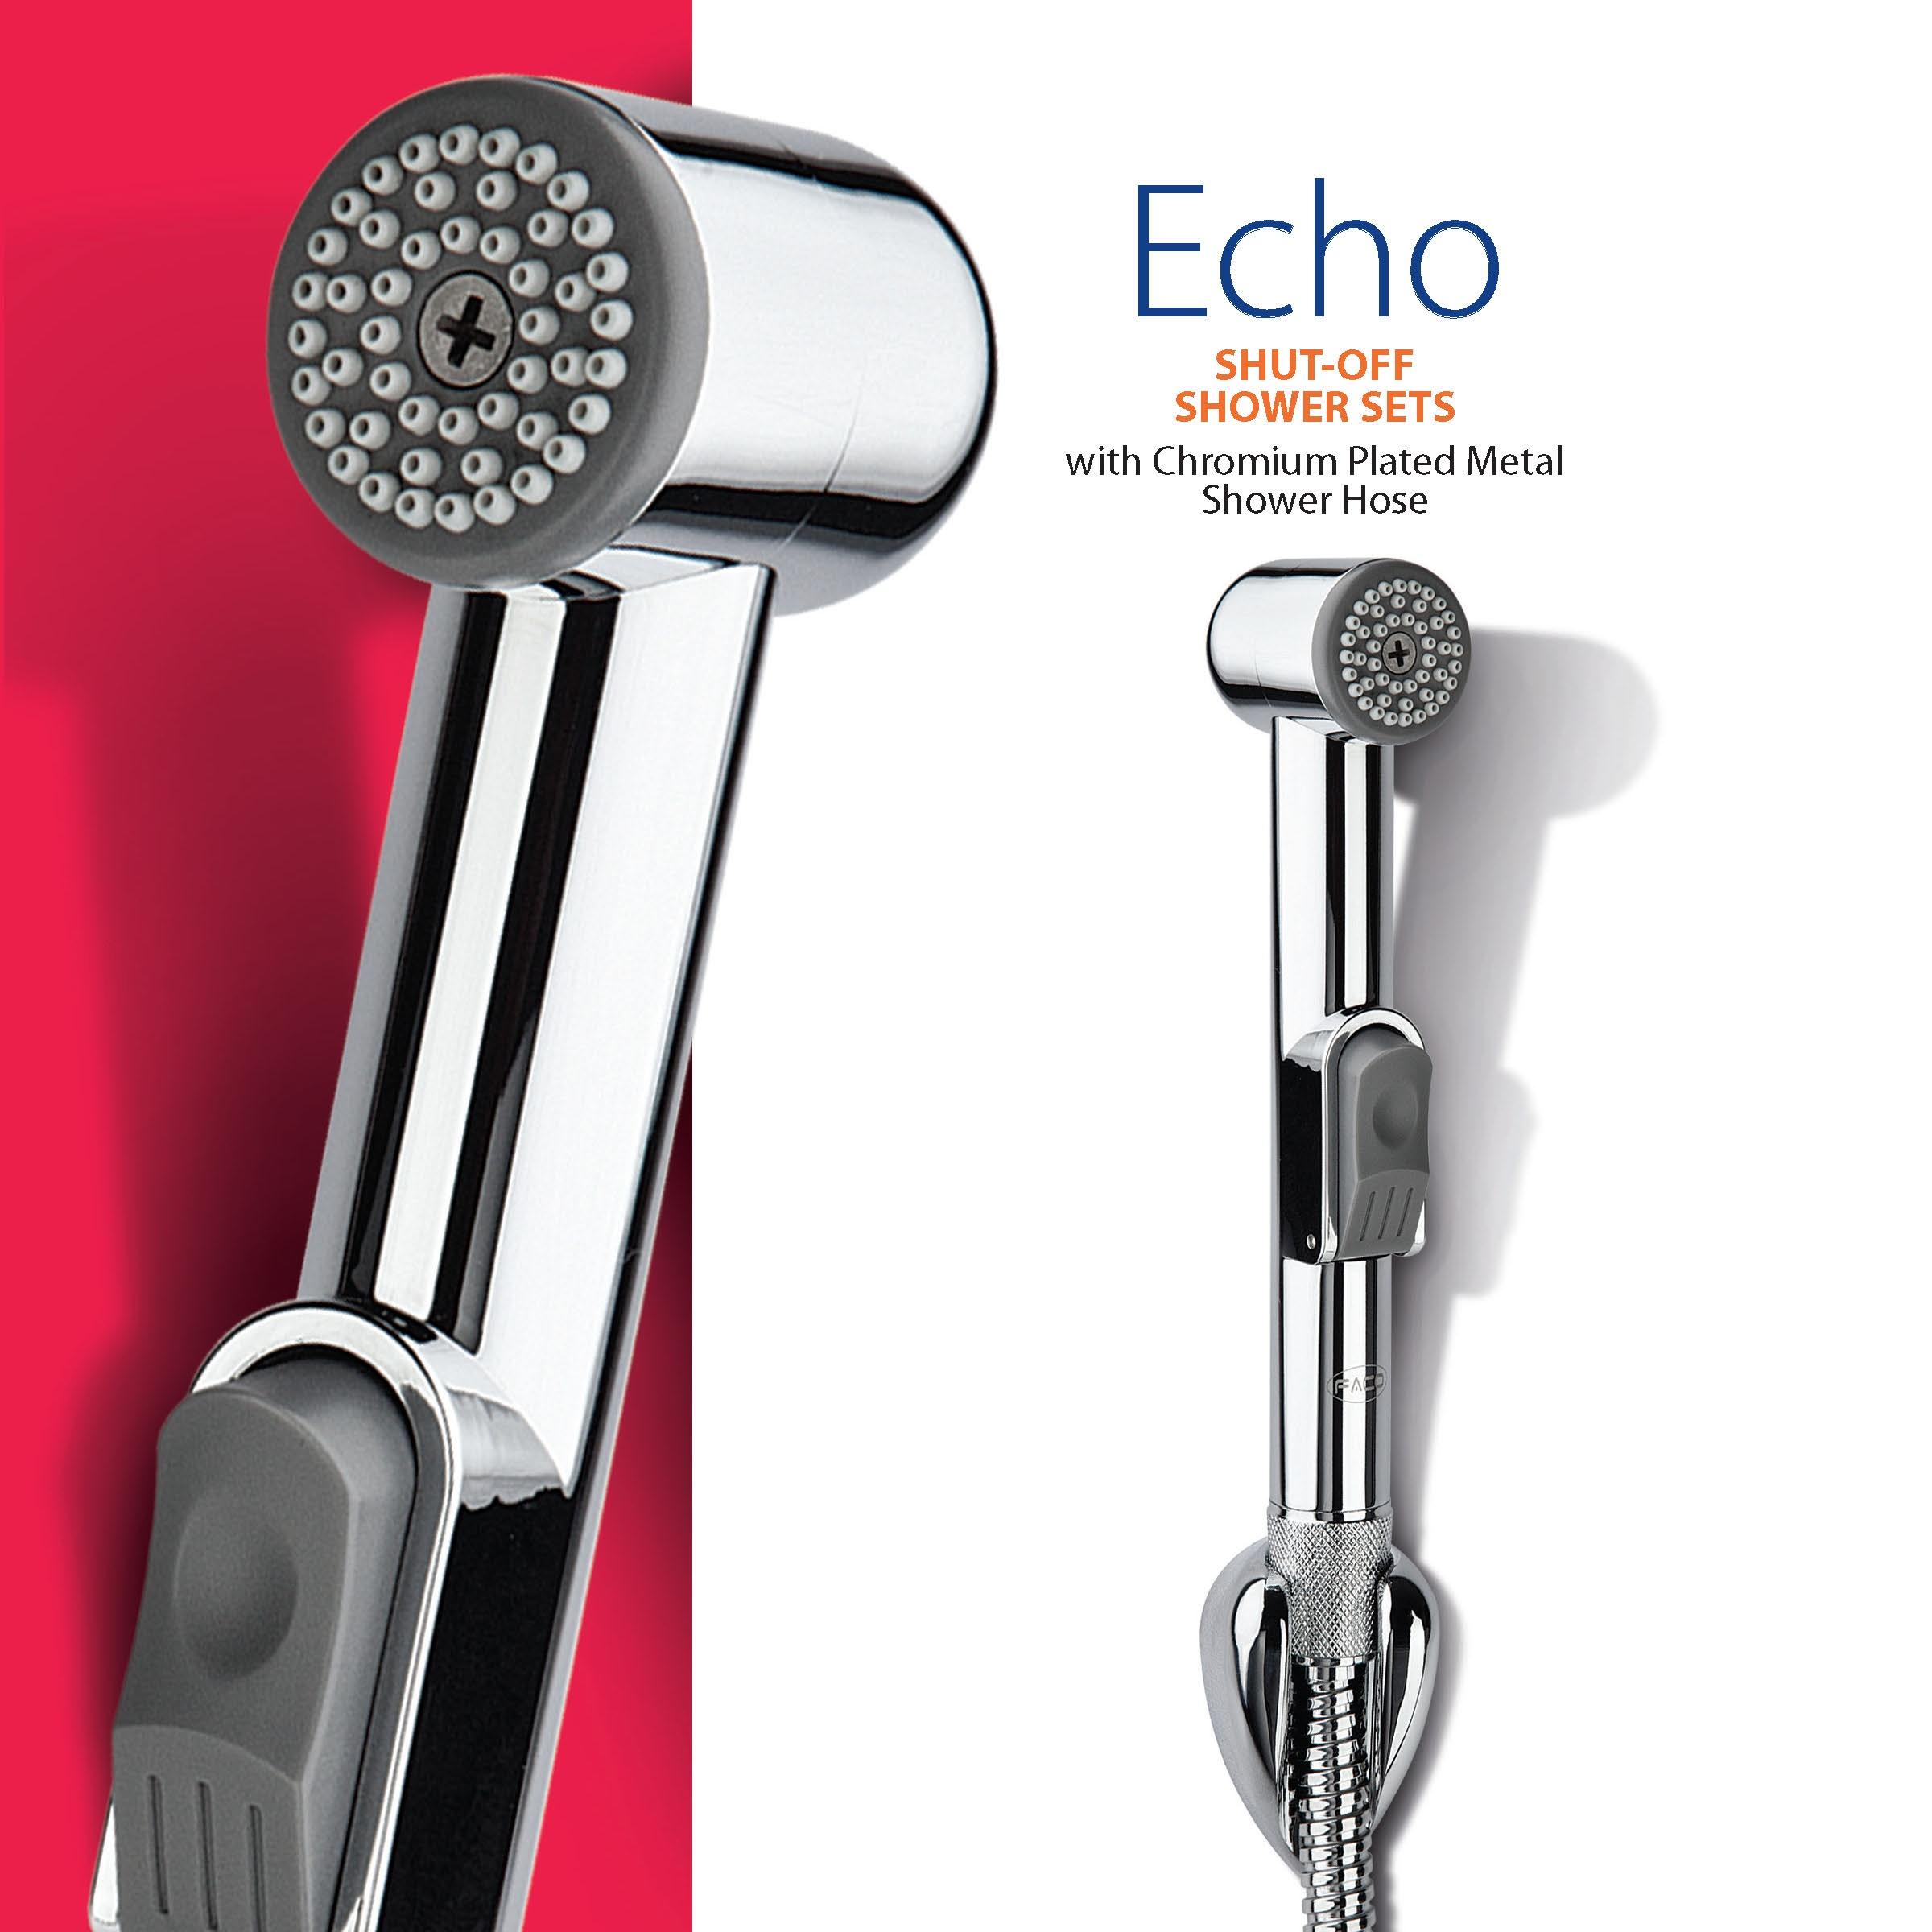 Echo Shut-Off Shower Set